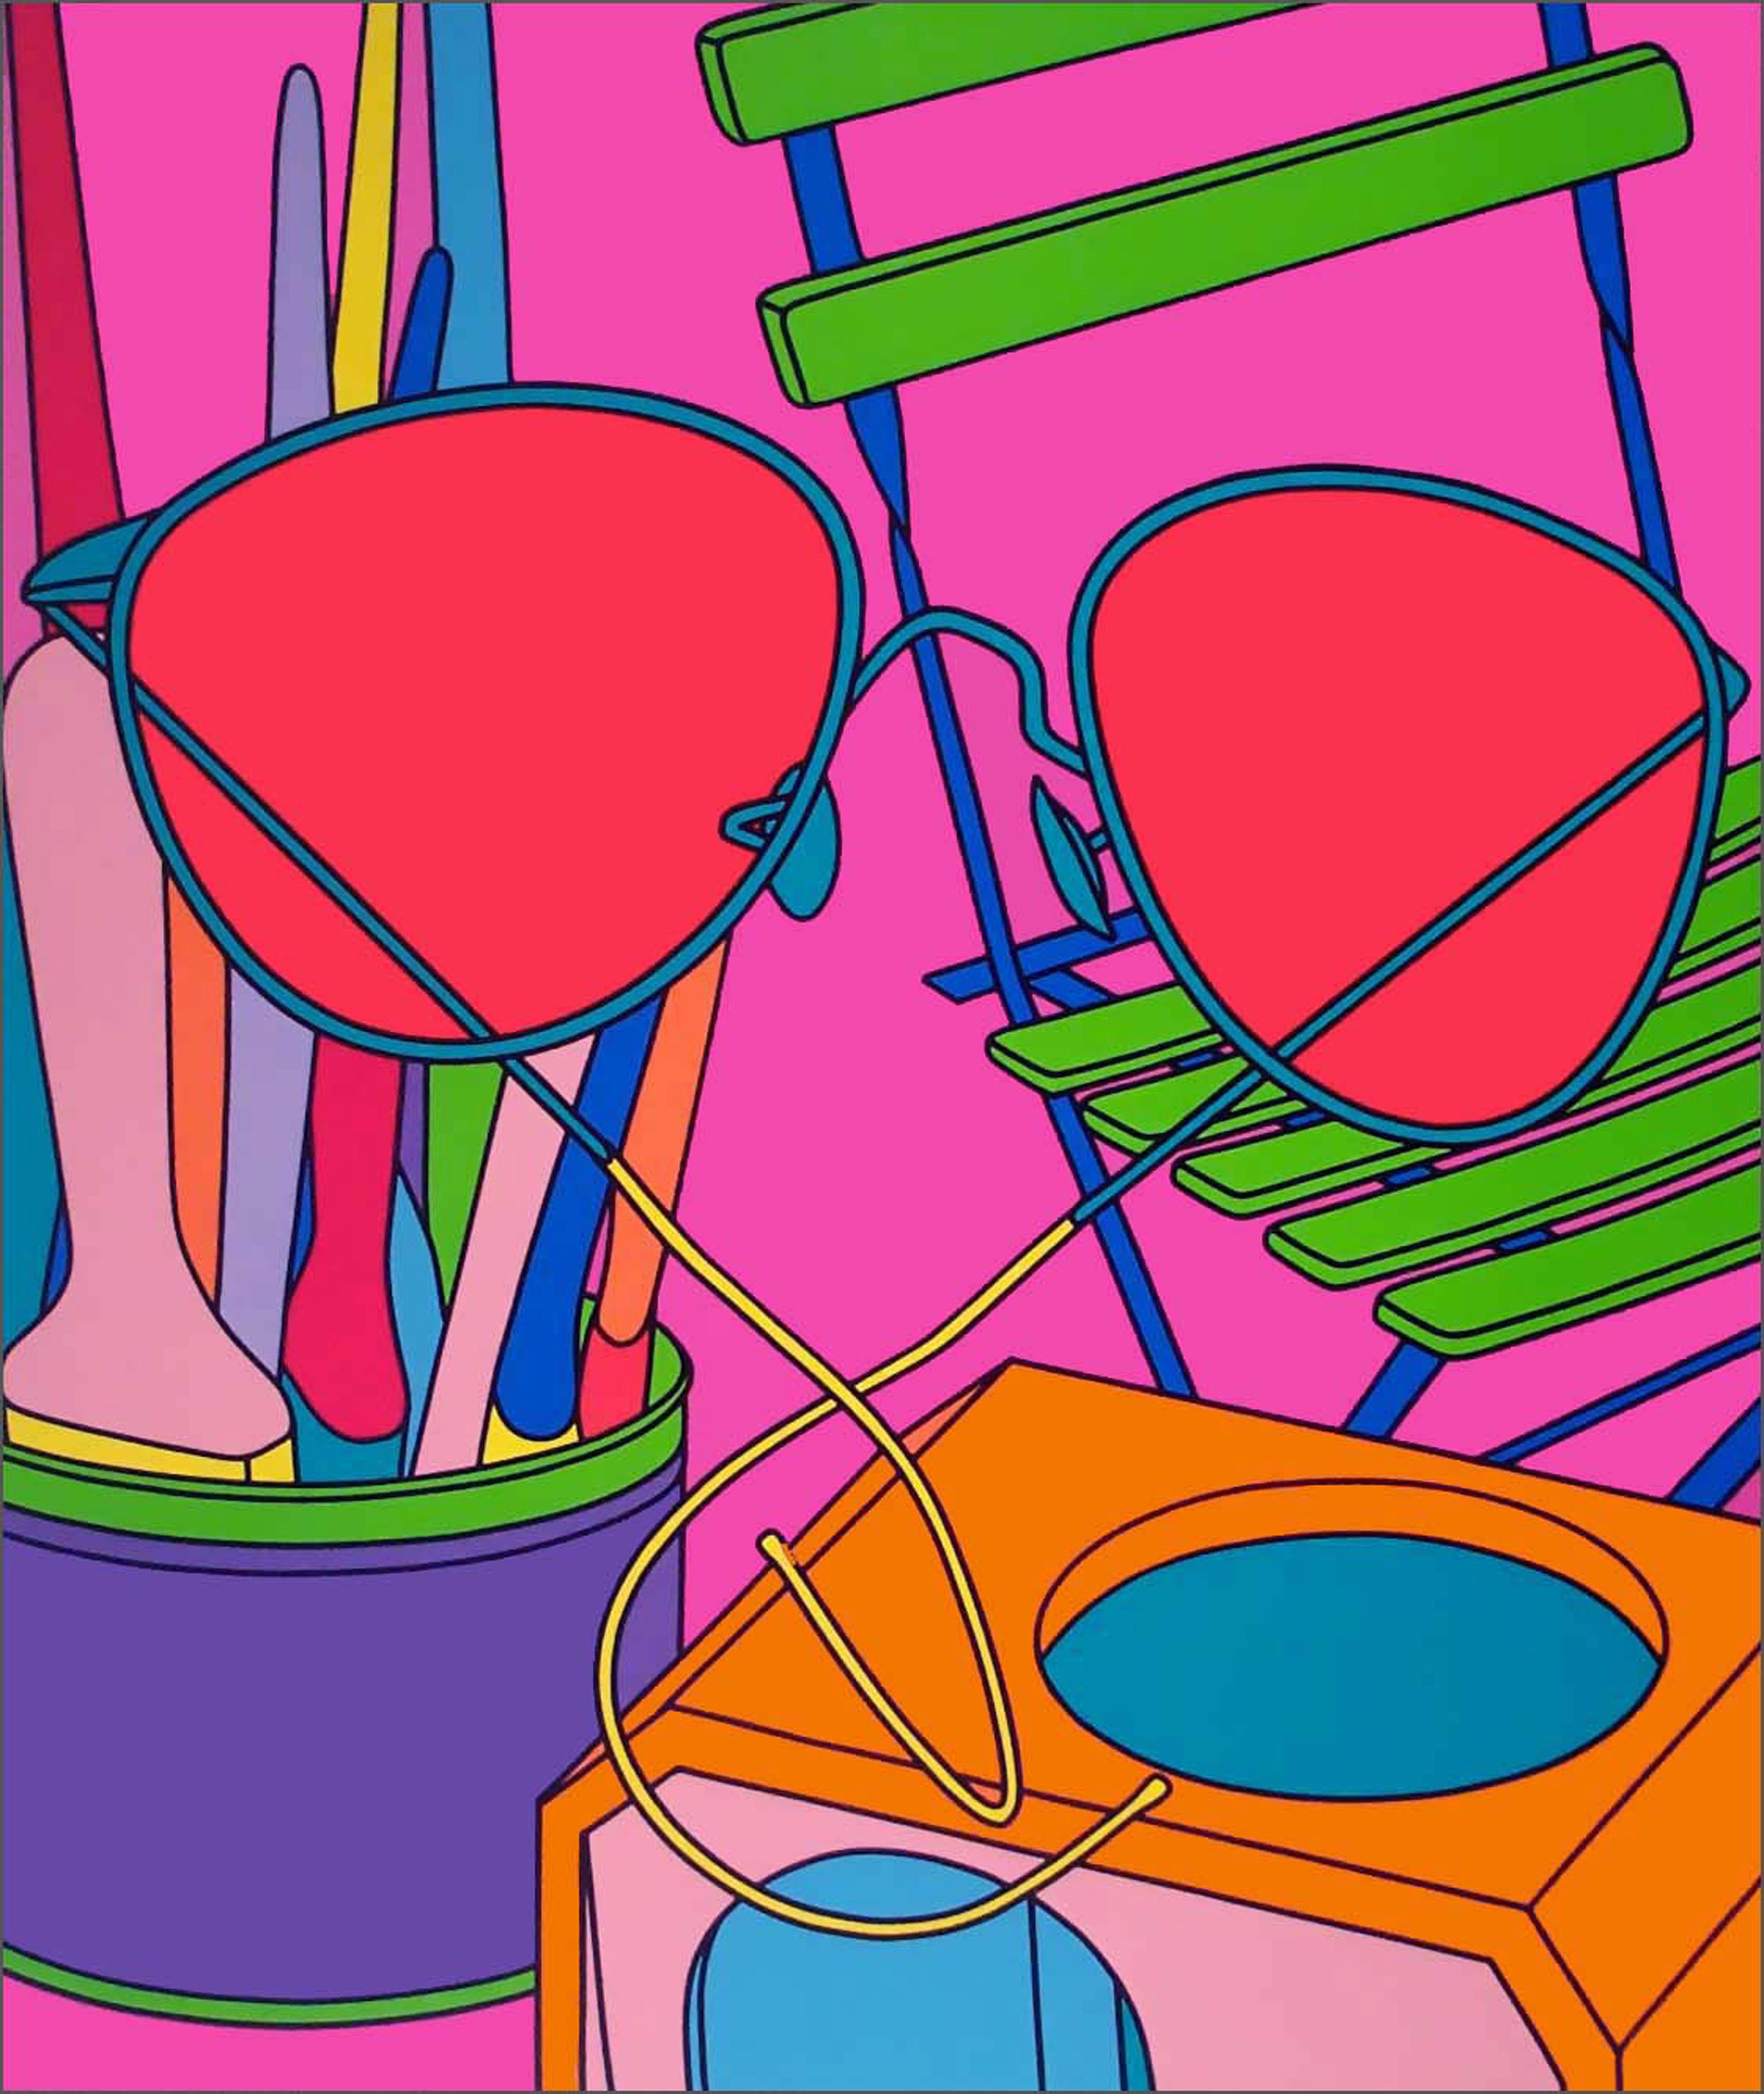 Michael Craig-Martin    Intimate Relations: Sunglasses • 2001 Serigrafia Edição: 50